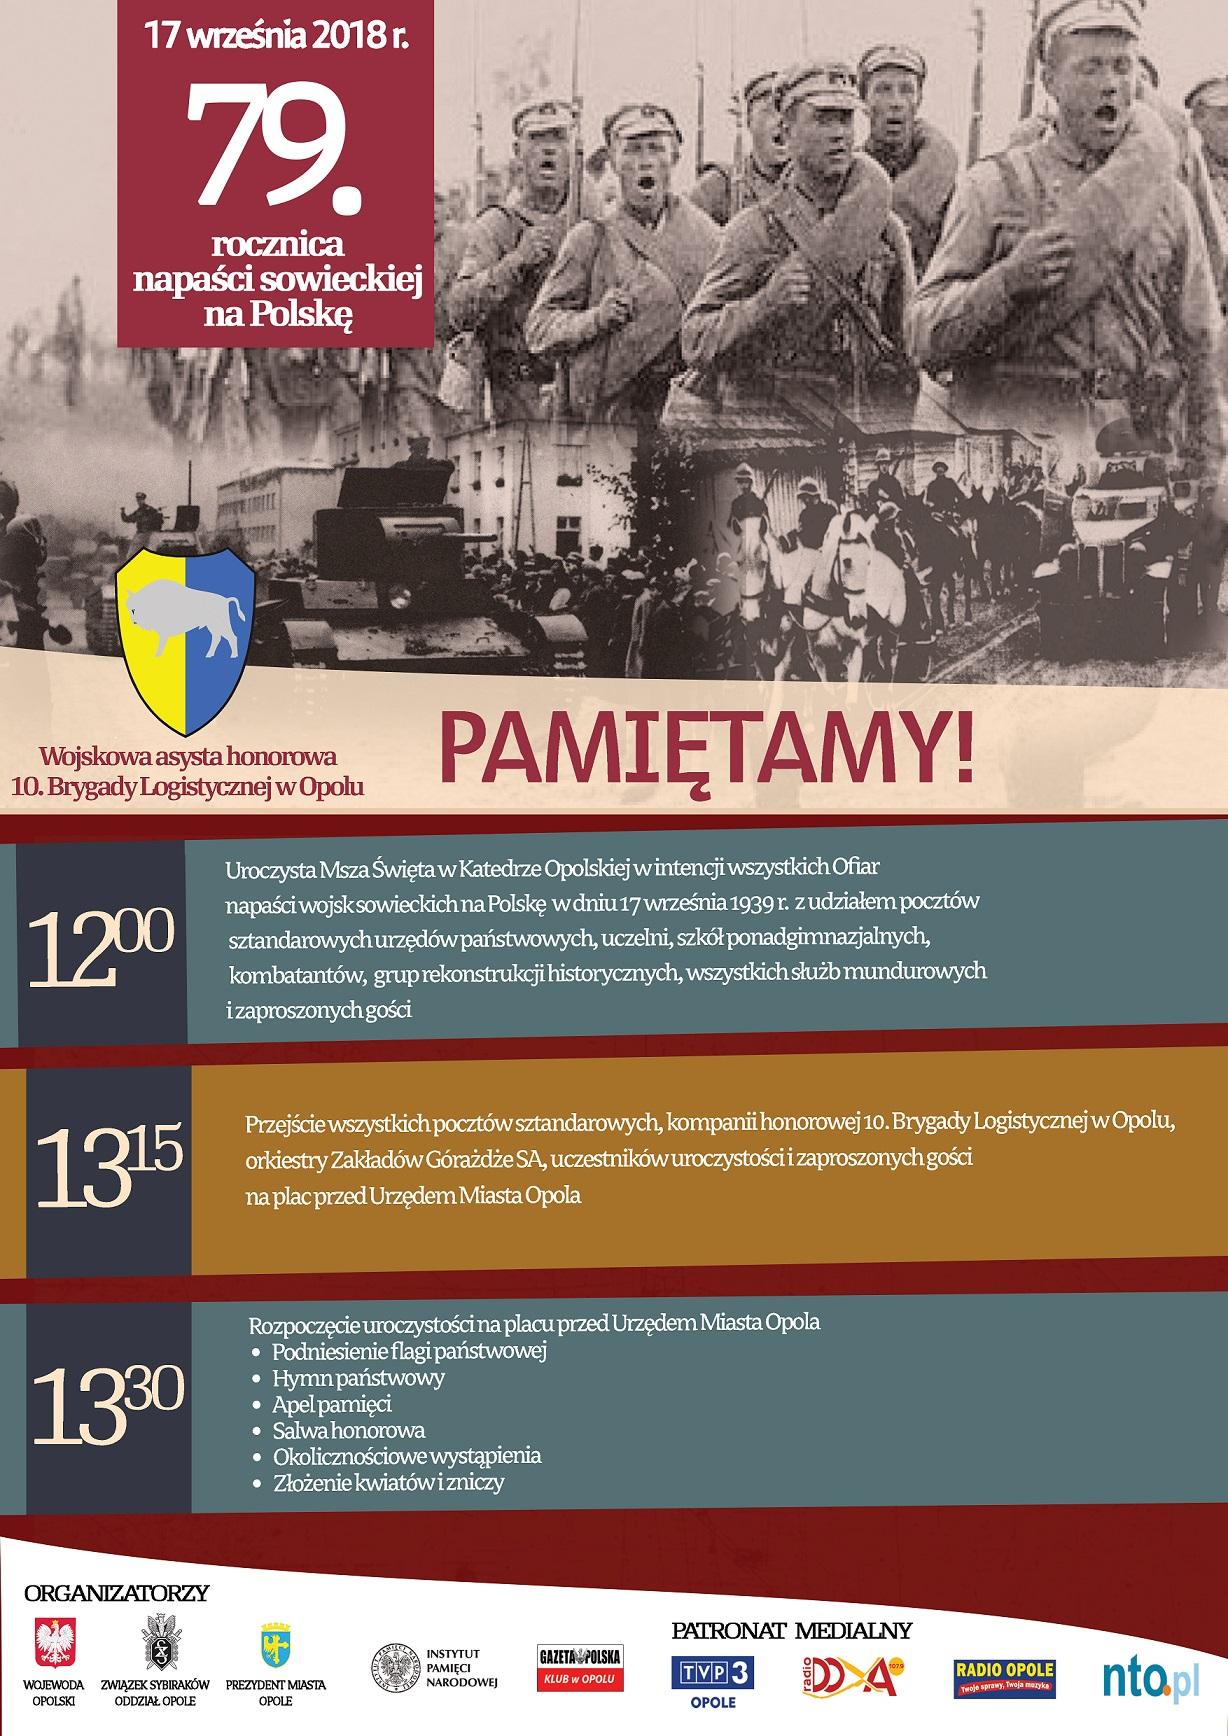 79. rocznica napaści sowieckiej na Polskę